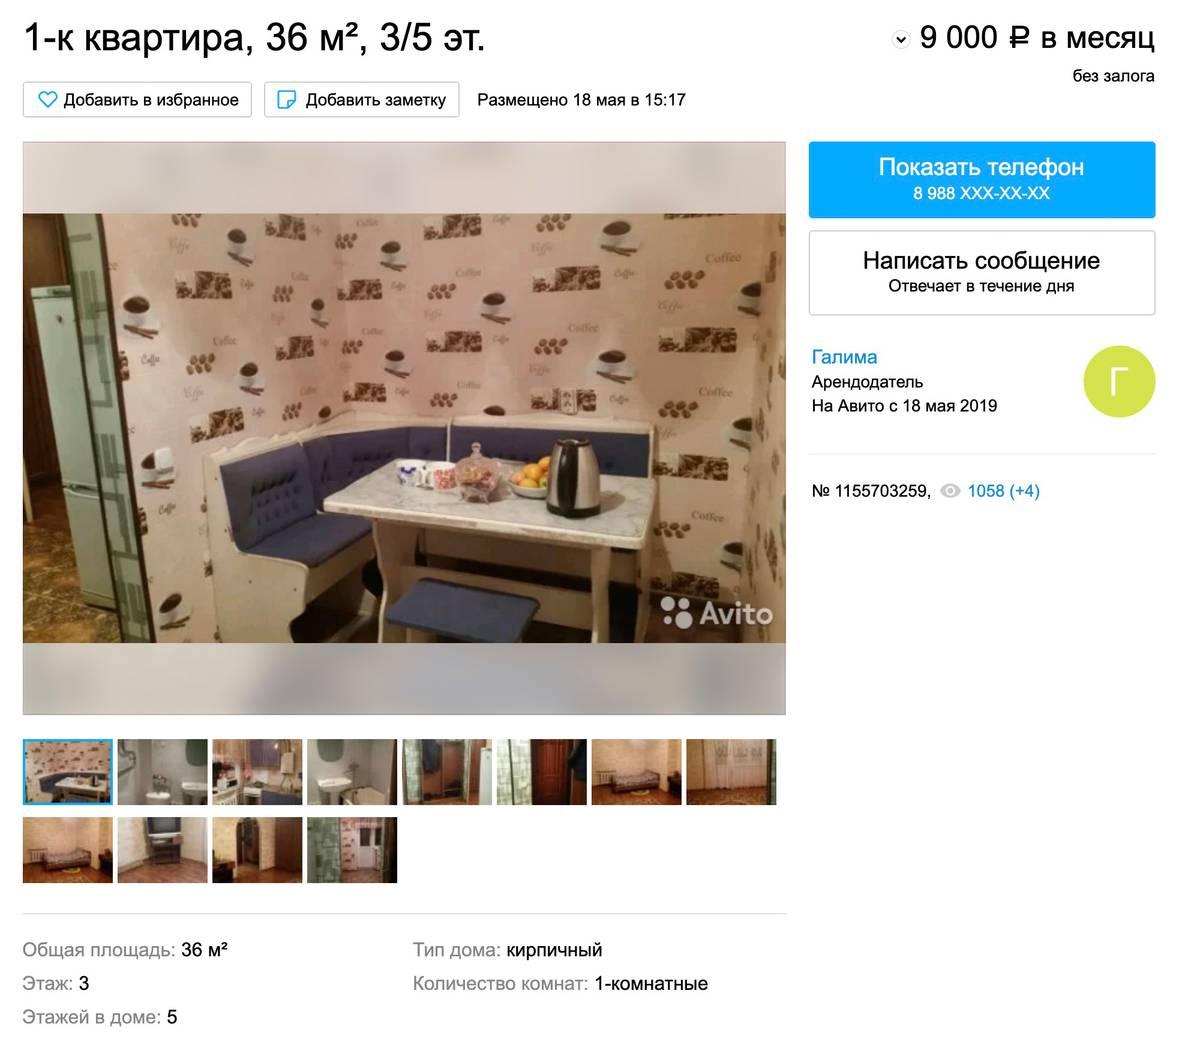 Аренда однокомнатной квартиры в центре города стоит 9000<span class=ruble>Р</span> в месяц